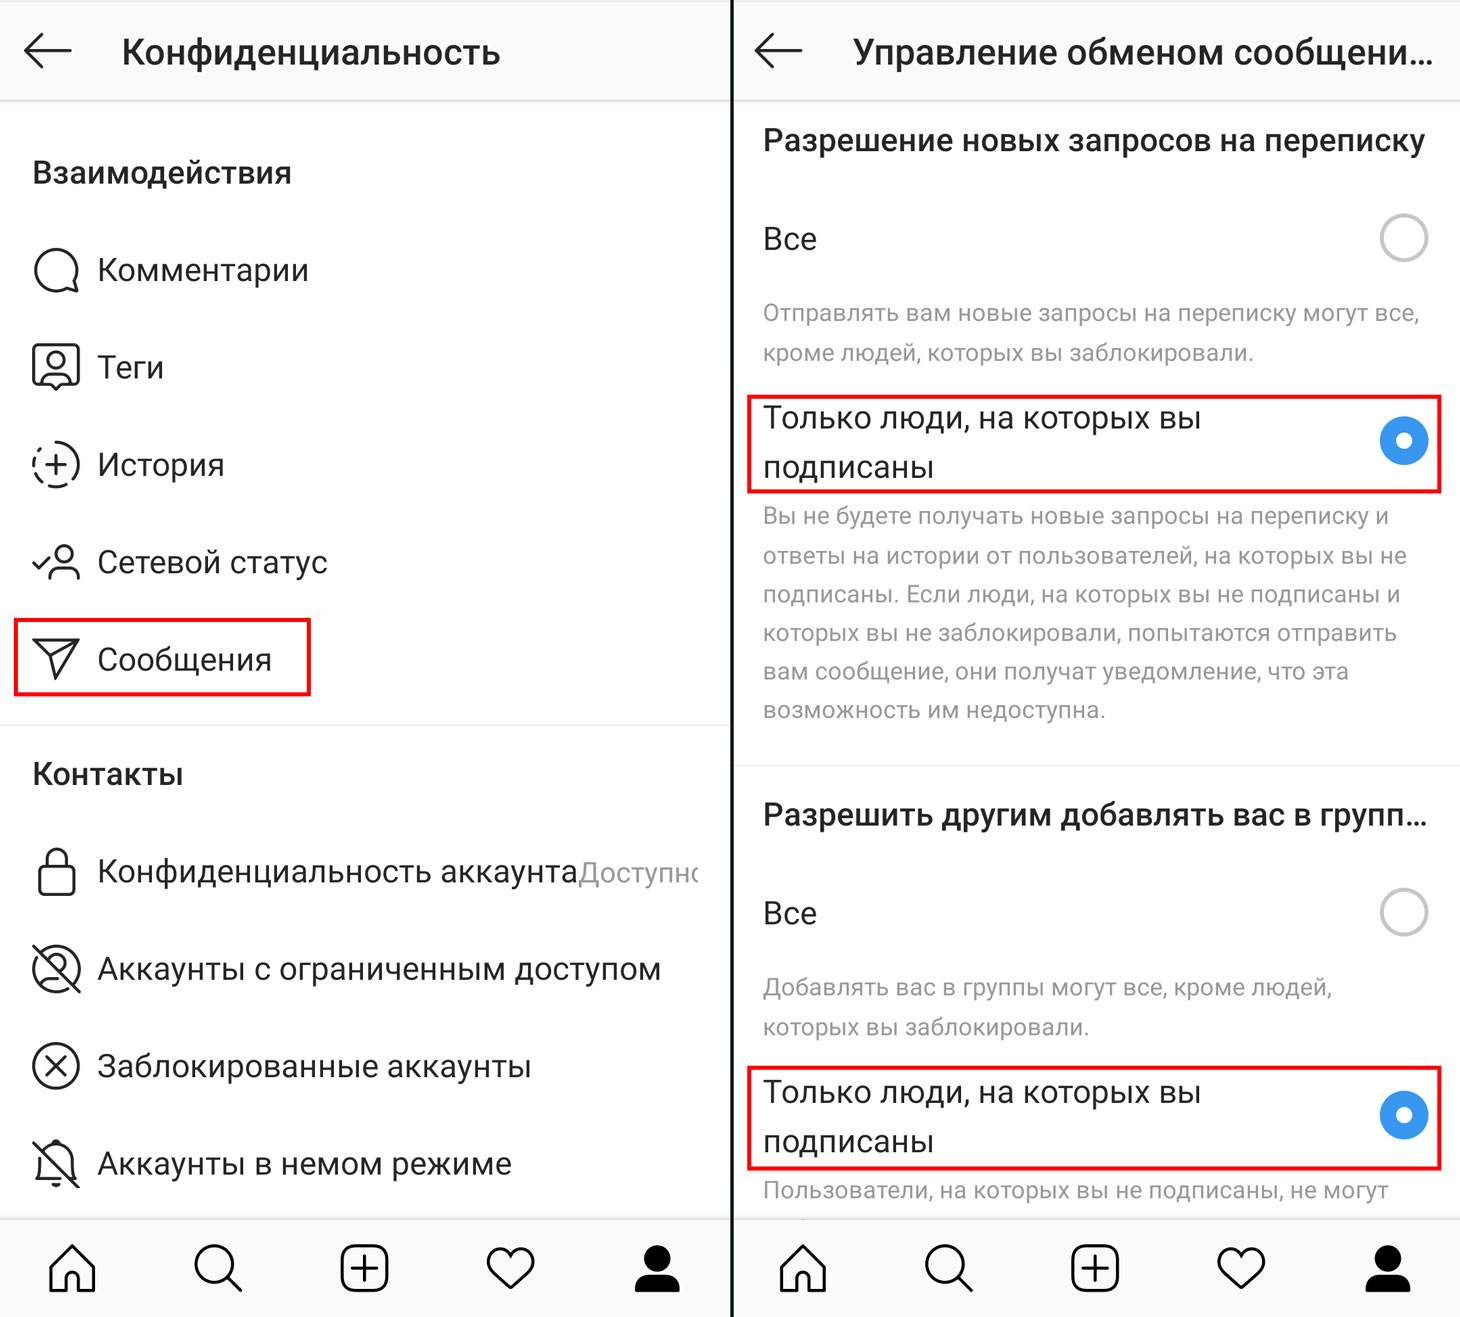 privacy-security-instagram-screen-14-RU.jpg